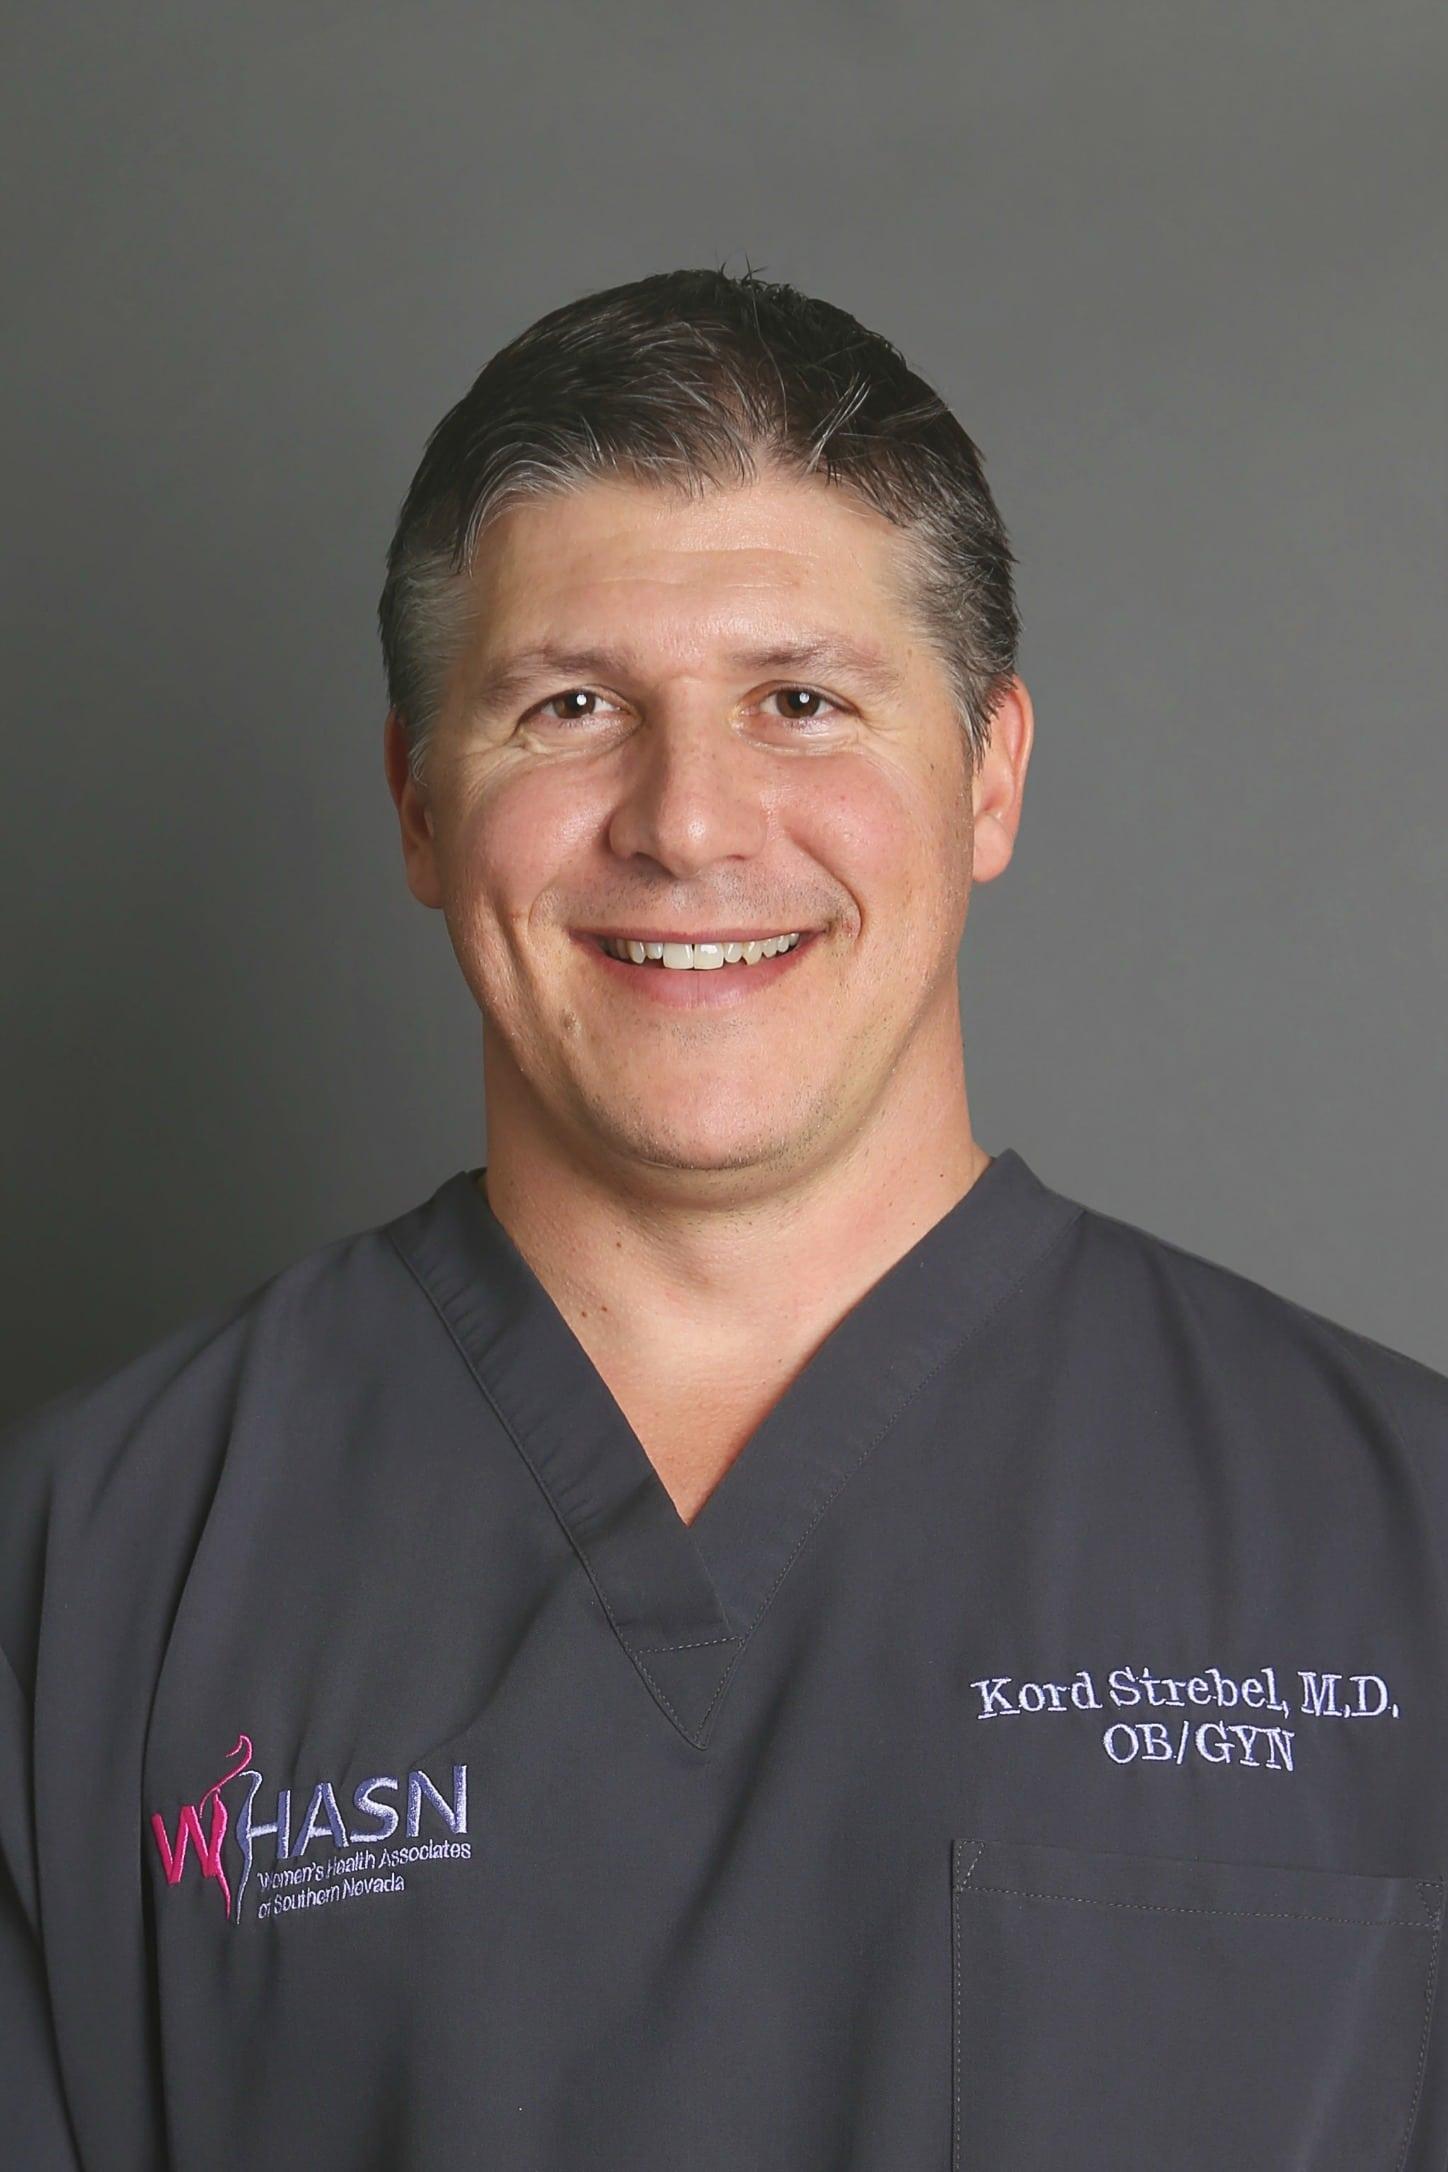 Kord Strebel, MD, FACOG